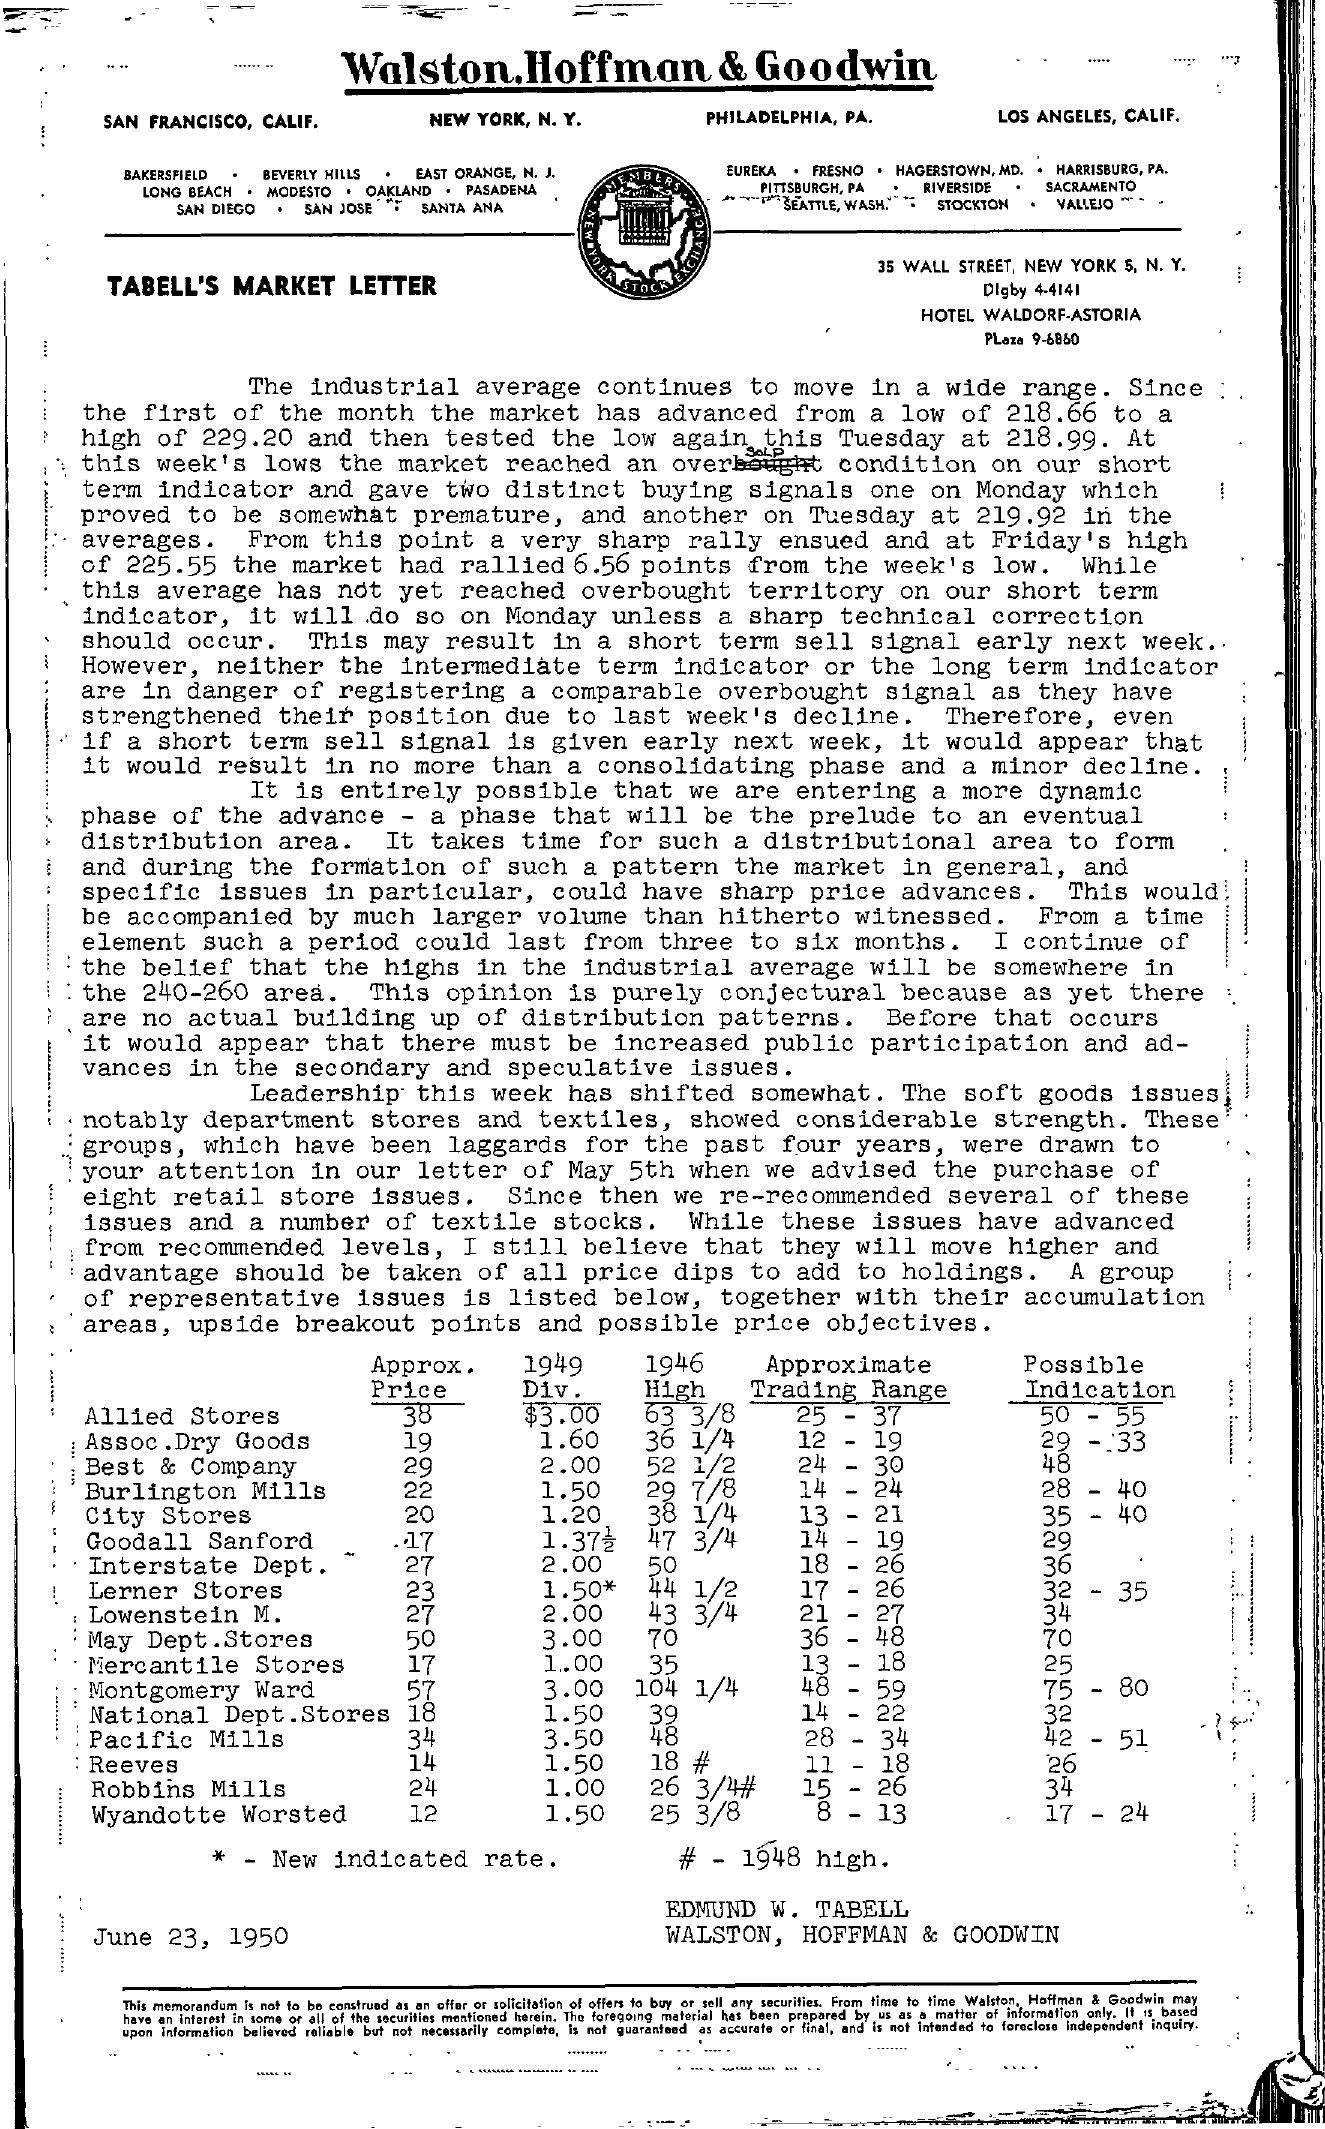 Tabell's Market Letter - June 23, 1950